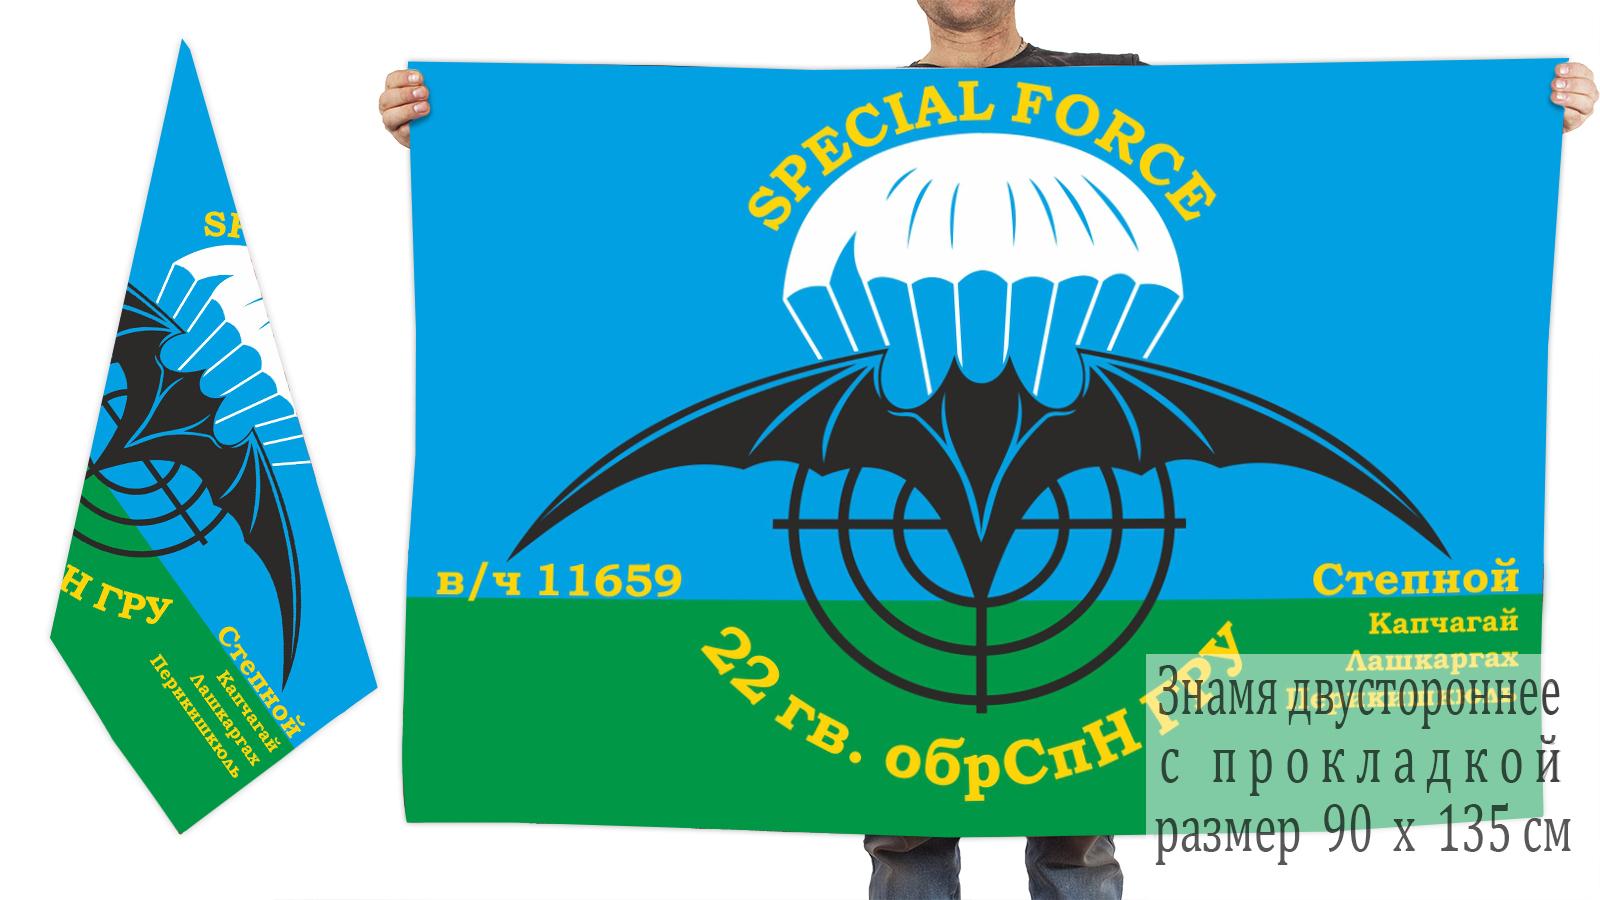 Двусторонний флаг 22 ОБрСпН ГРУ